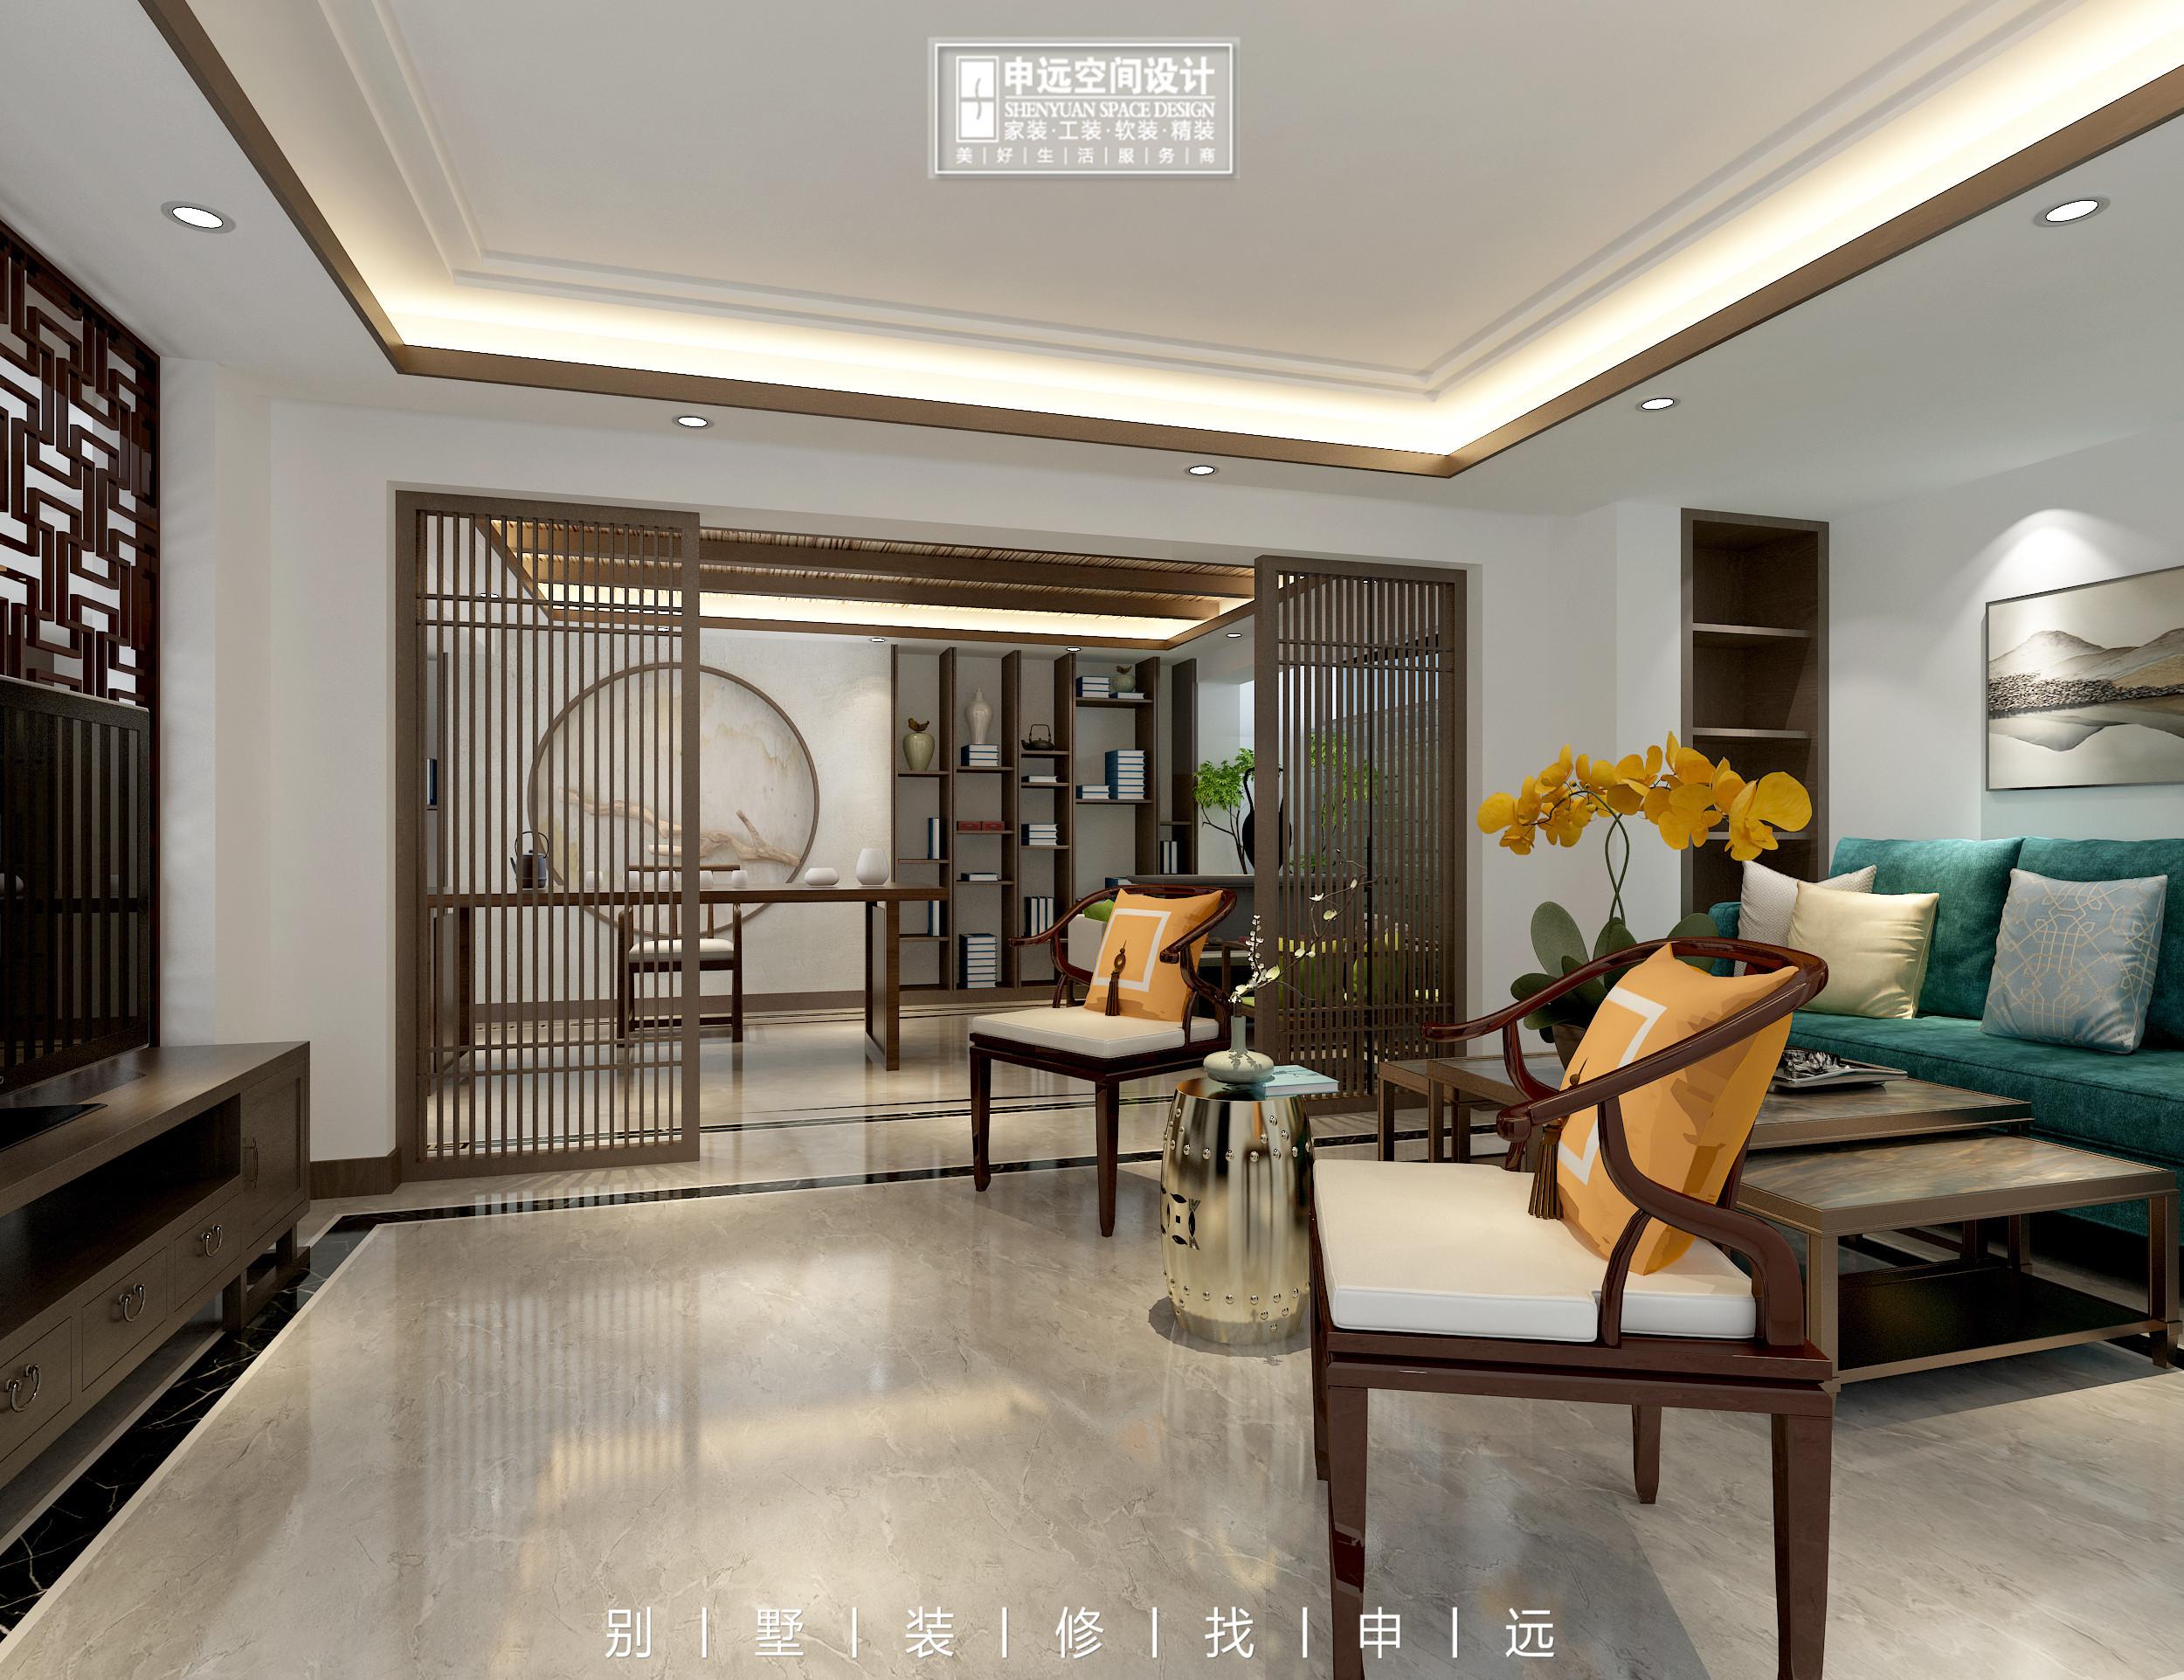 别墅装修 申远 北京申远 客厅图片来自申远空间设计北京分公司在北京申远空间设计-别墅装修的分享